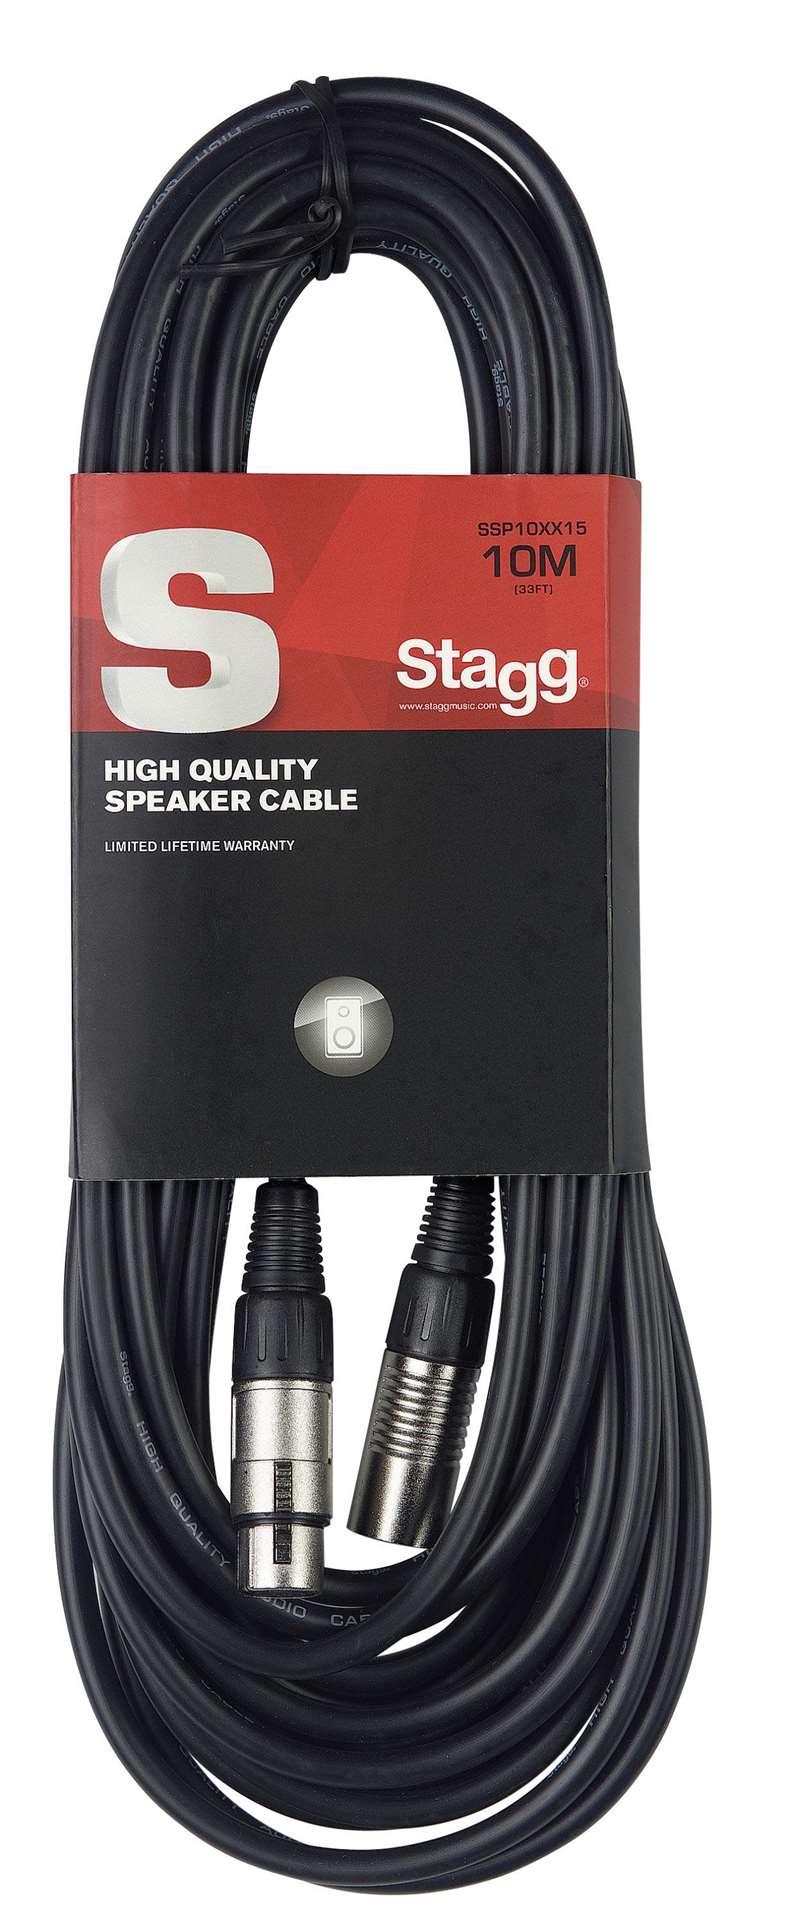 Stagg SSP10XX15